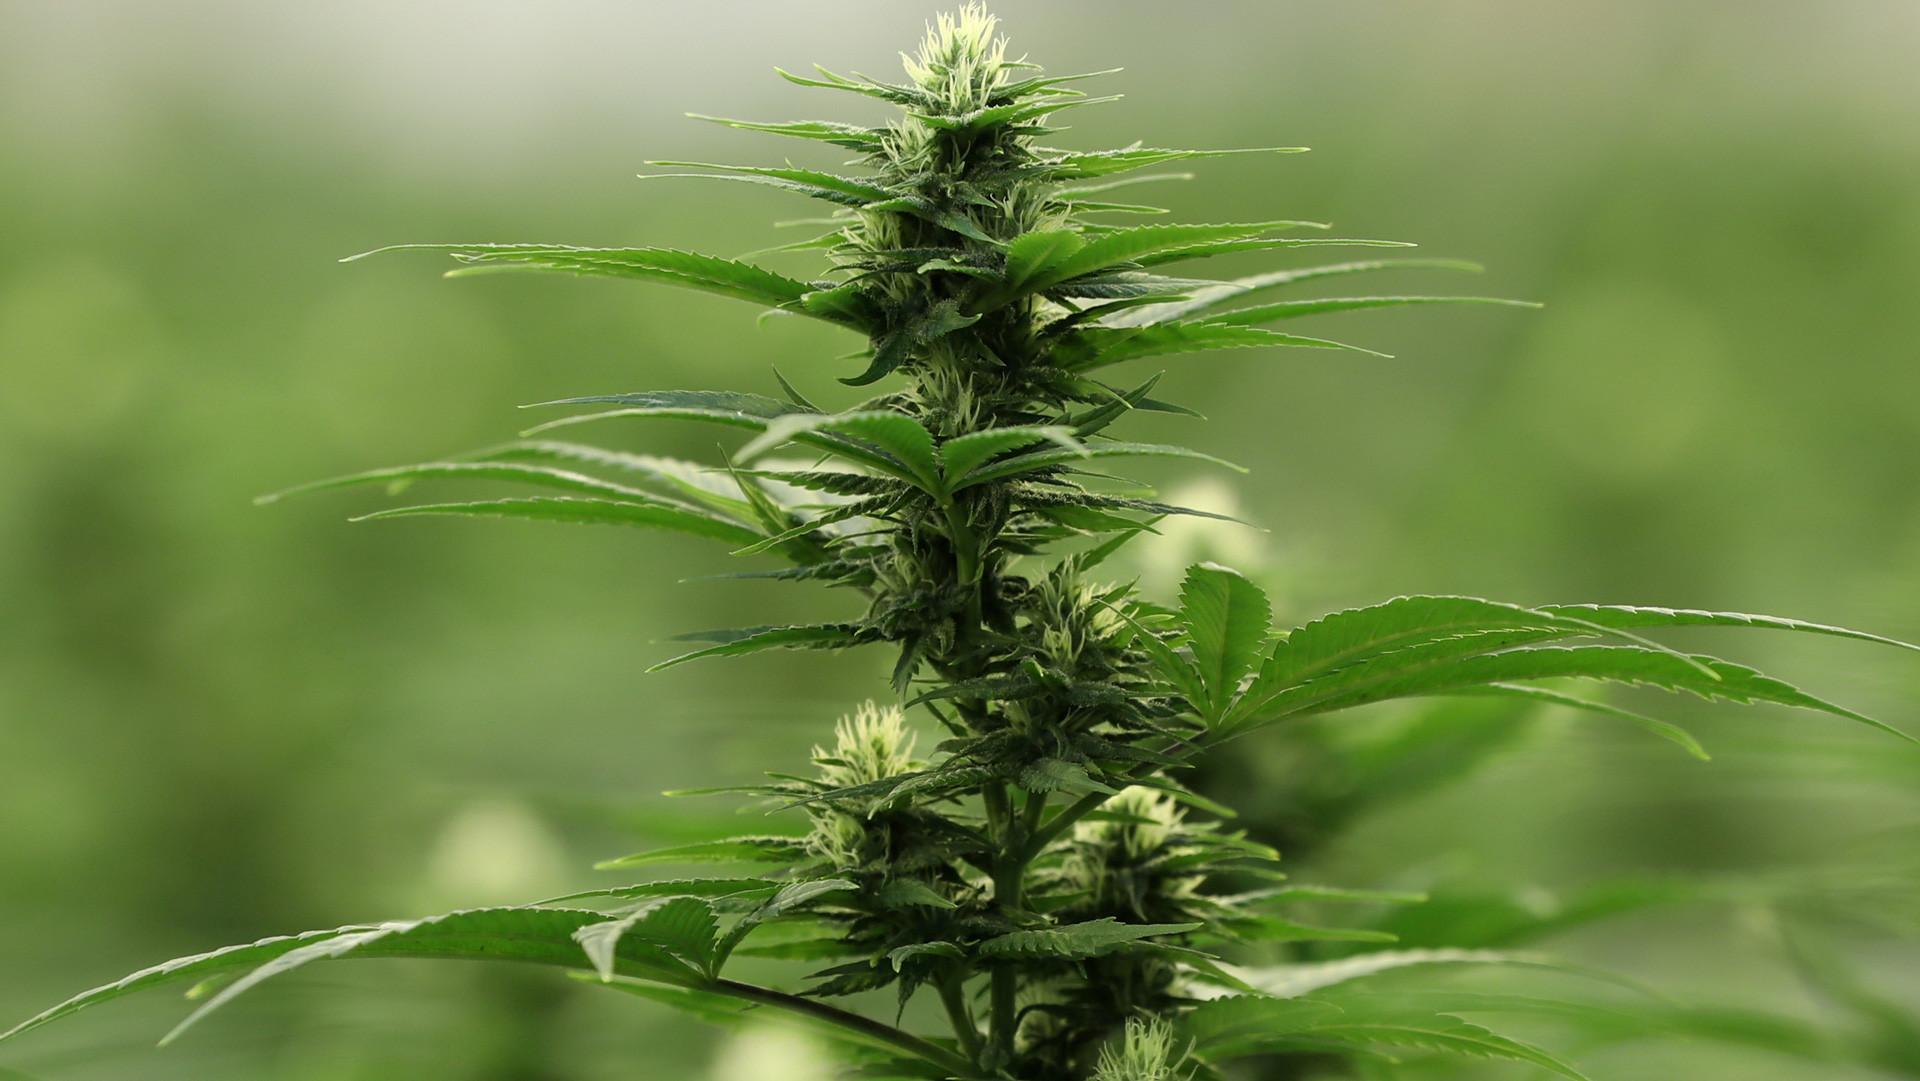 ¿Criminalizar o permitir?: La discusión sobre el uso medicinal y recreativo del cannabis en Ecuador